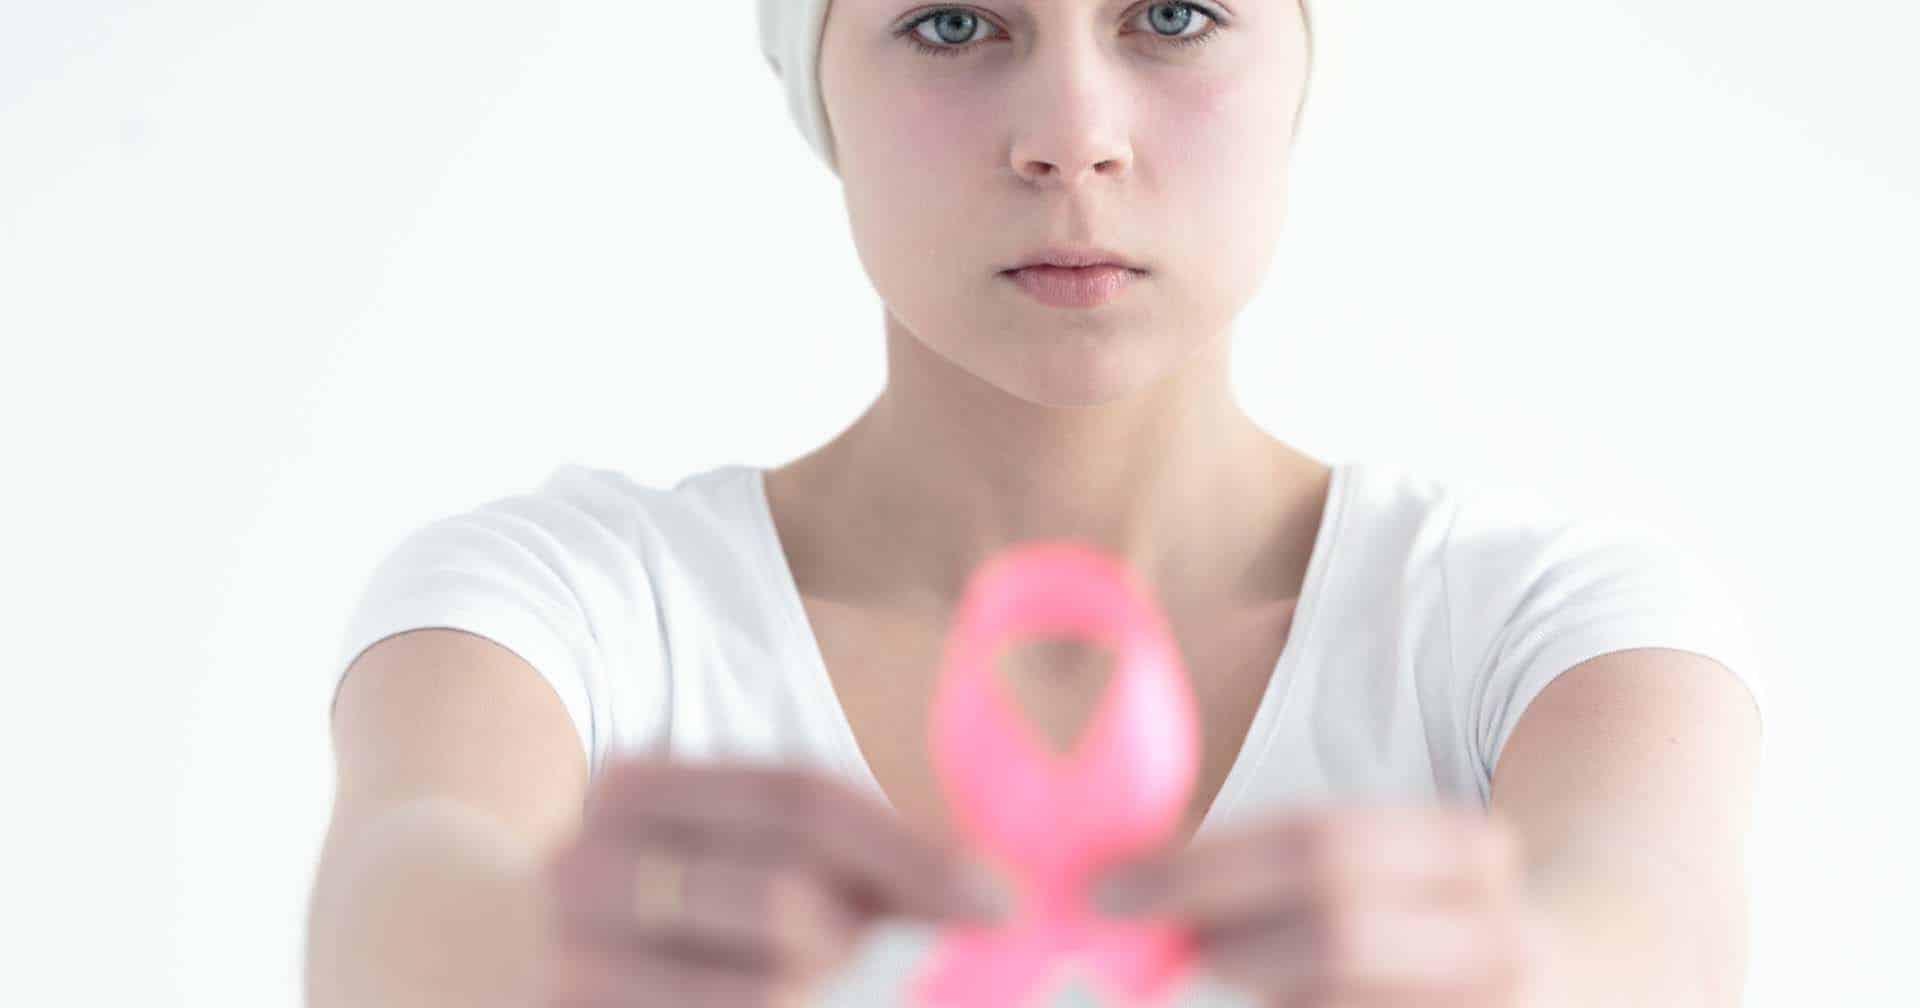 Cáncer de mama detectado a tiempo tiene una posibilidad de cura del 95%.